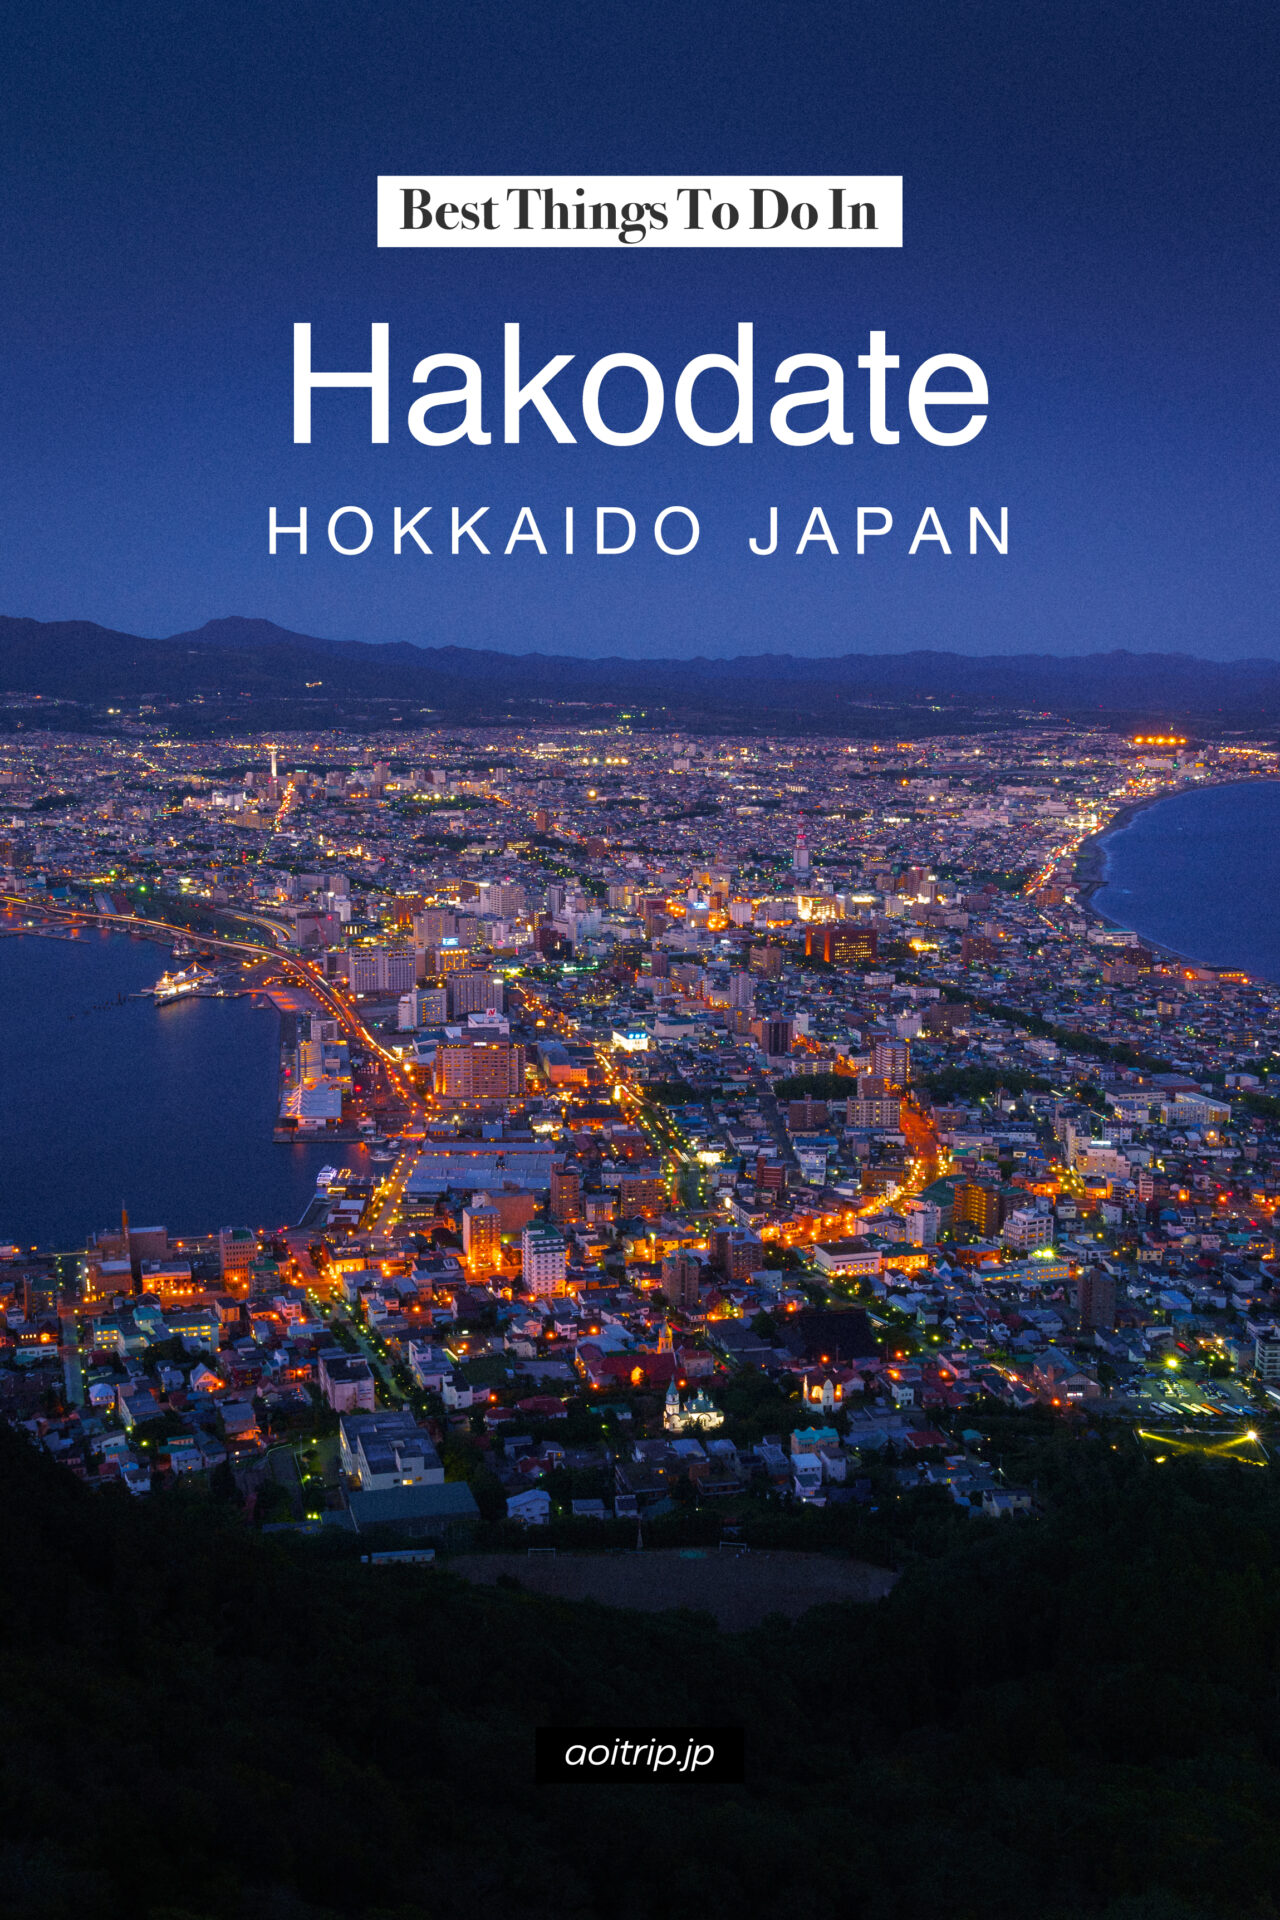 北海道 函館の観光見どころ Exploring Hakodate, Hokkaido Travel Guide